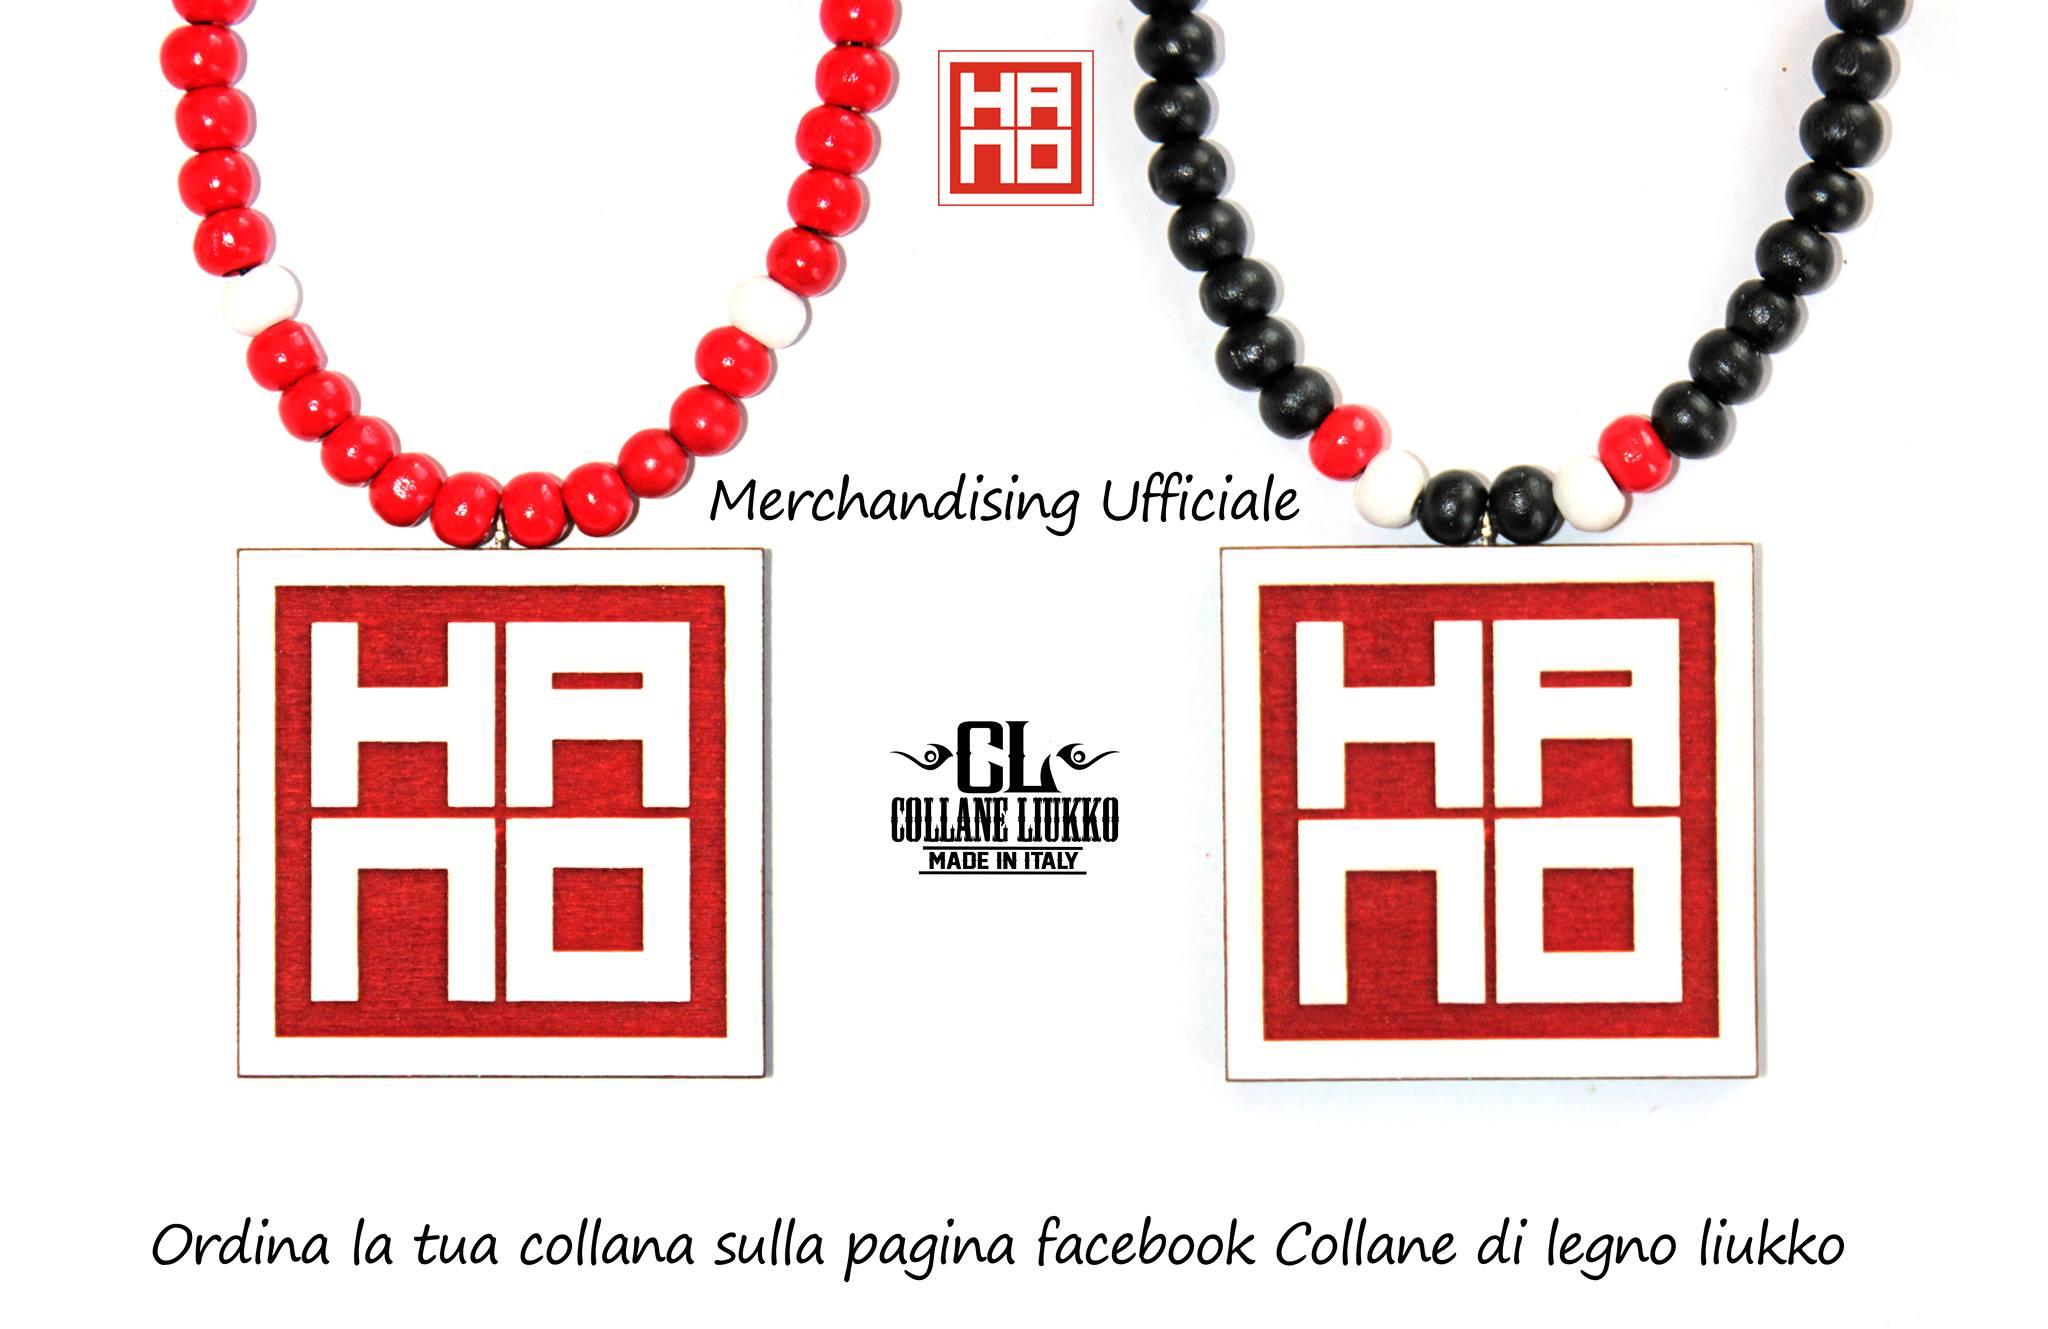 Merchandising Hano